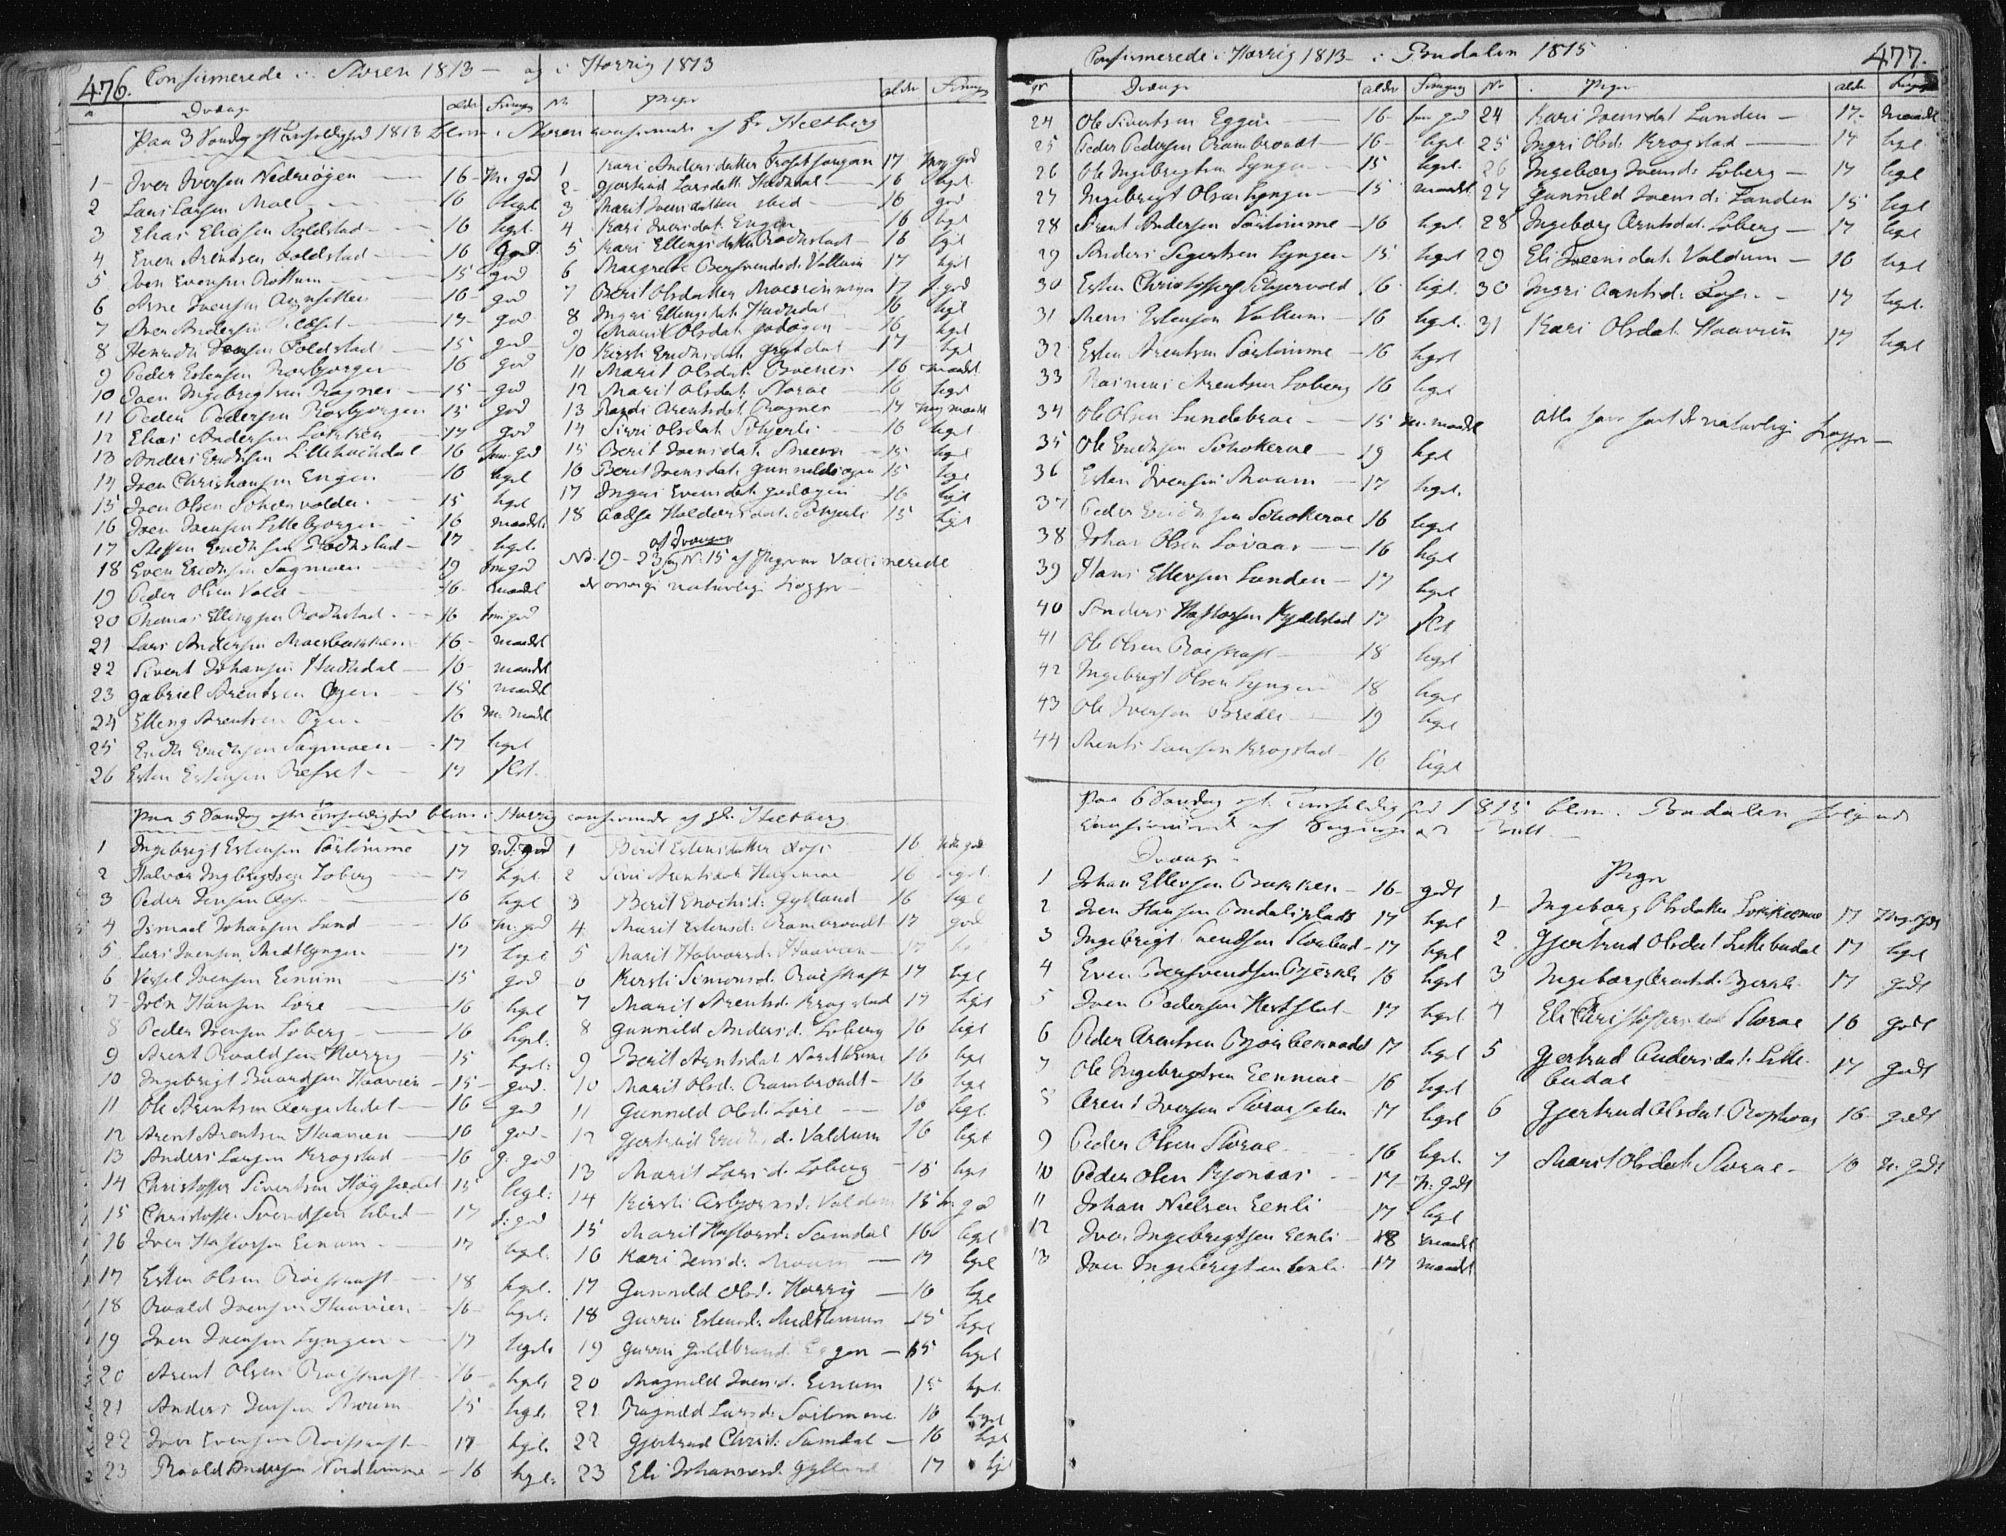 SAT, Ministerialprotokoller, klokkerbøker og fødselsregistre - Sør-Trøndelag, 687/L0992: Ministerialbok nr. 687A03 /1, 1788-1815, s. 476-477